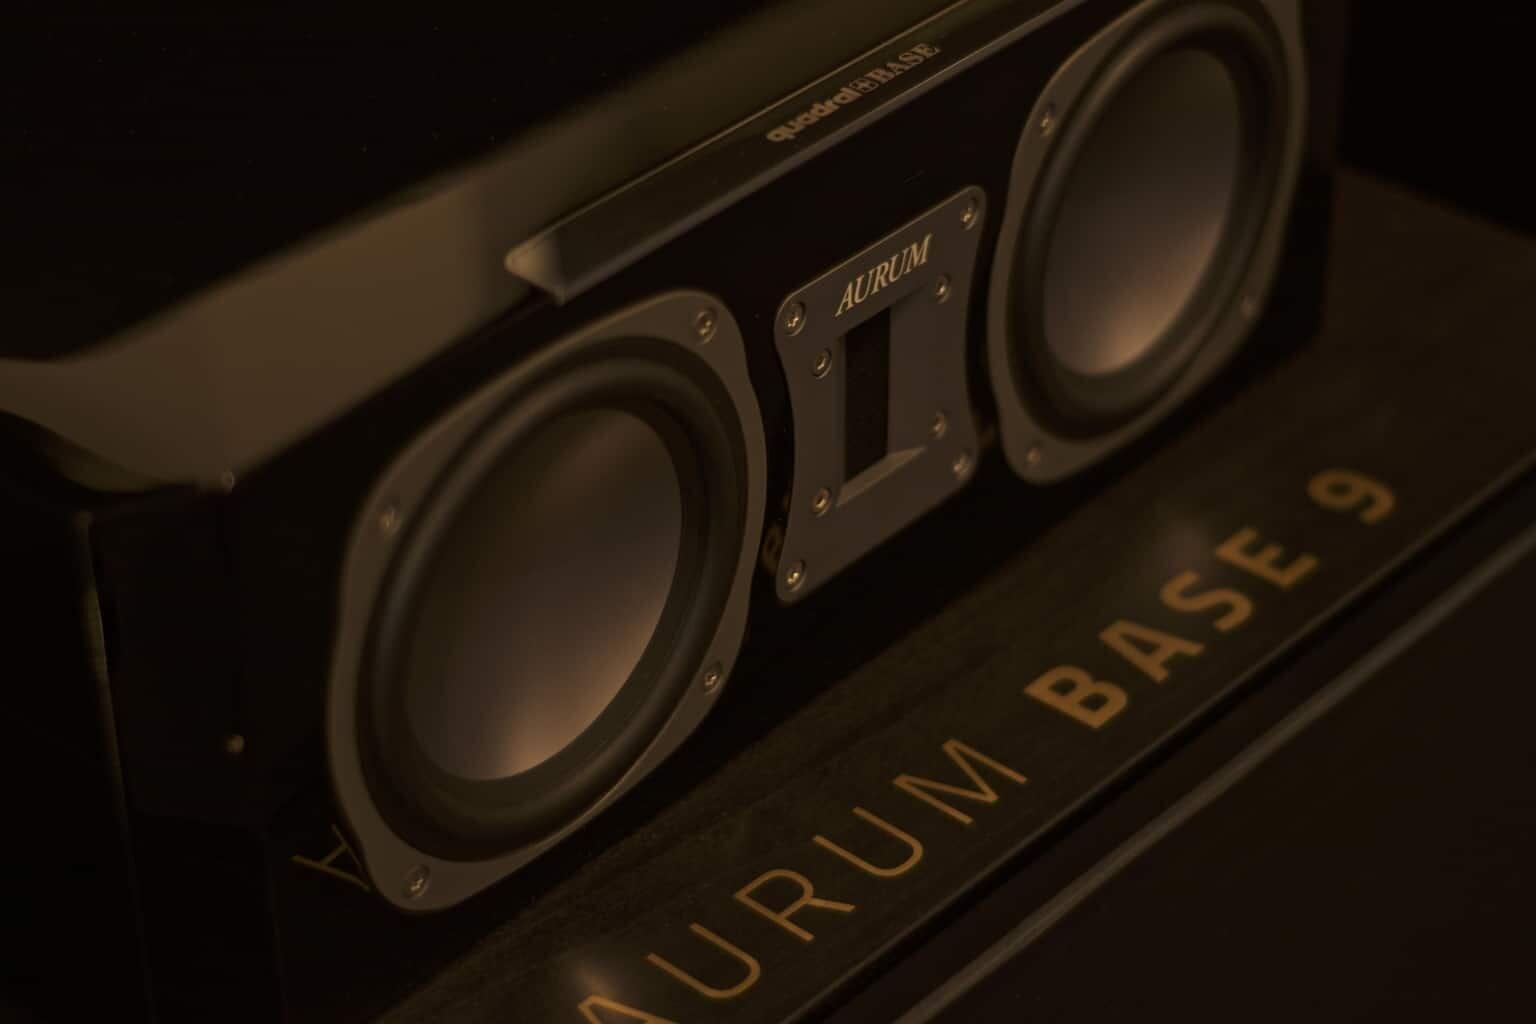 Aurum Base 9